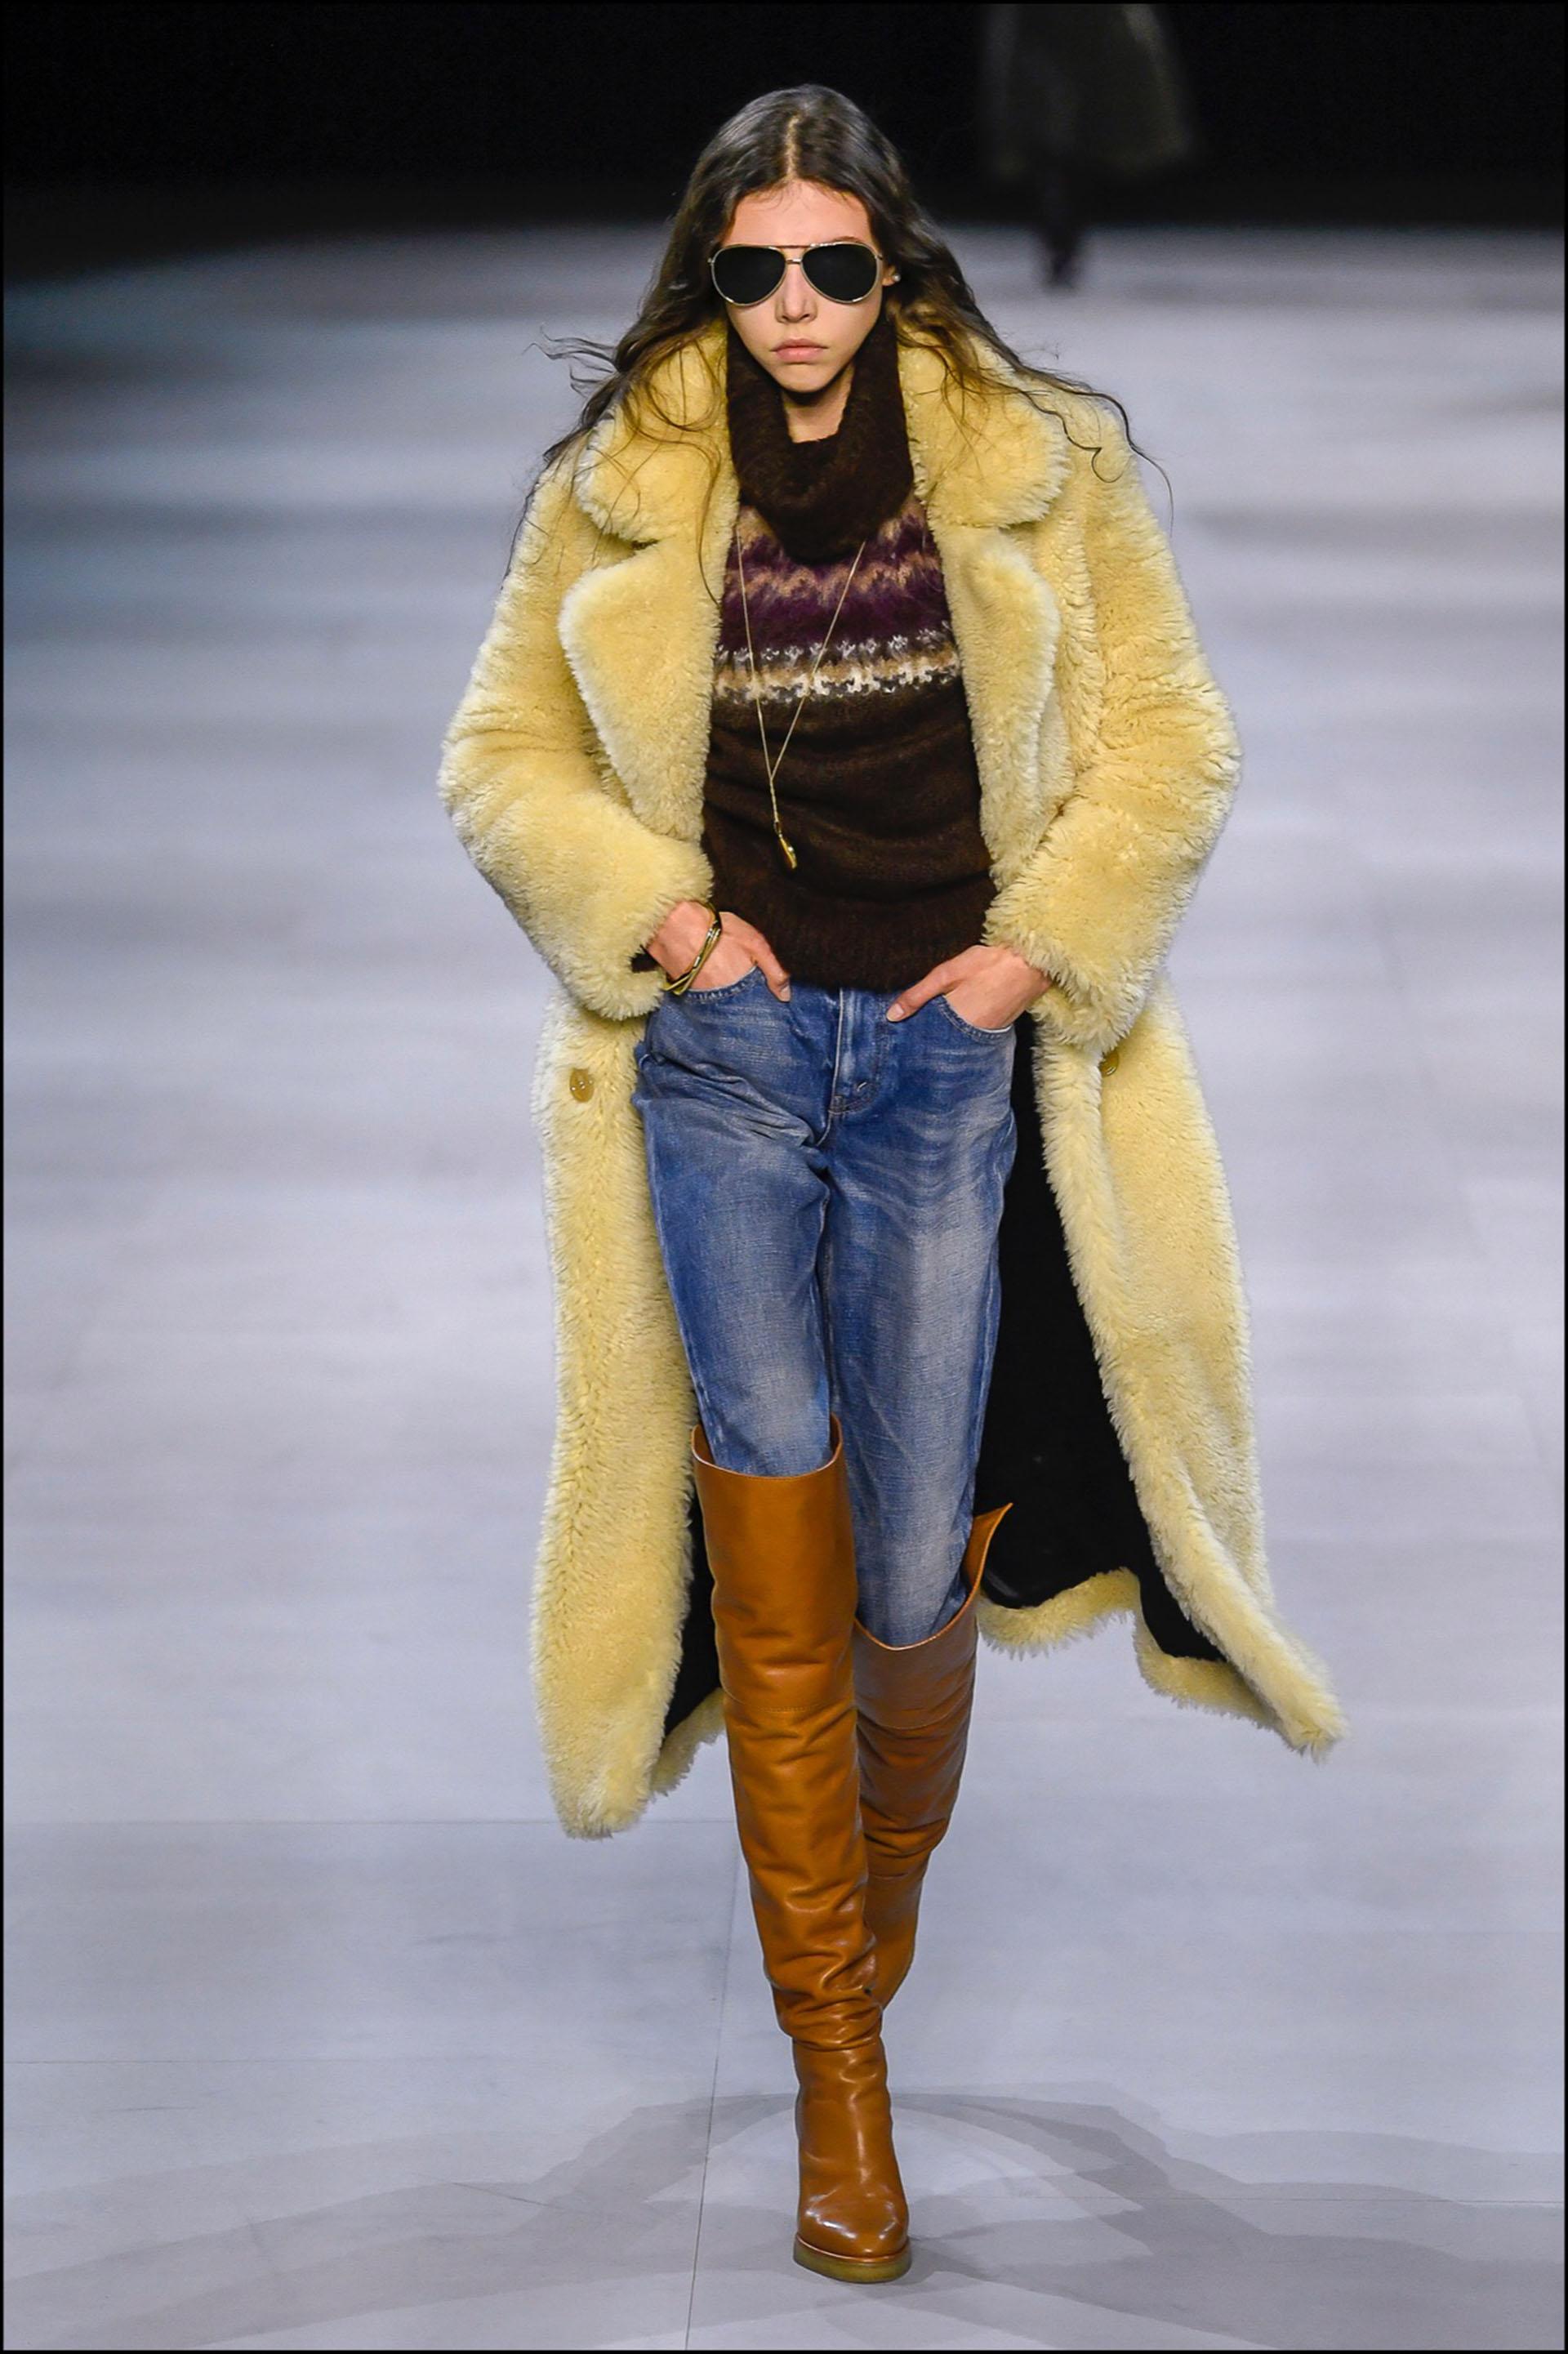 Mannequin - DÈfilÈ de mode CÈline collection prÍt-‡-porter Automne-Hiver 2019/2020 lors de la fashion week ‡ Paris, le 1er mars 2019. Celine fashion show ready-to-wear Fall-Winter 2019/2020 during the fashion week in Paris, France, on March 1st 2019.